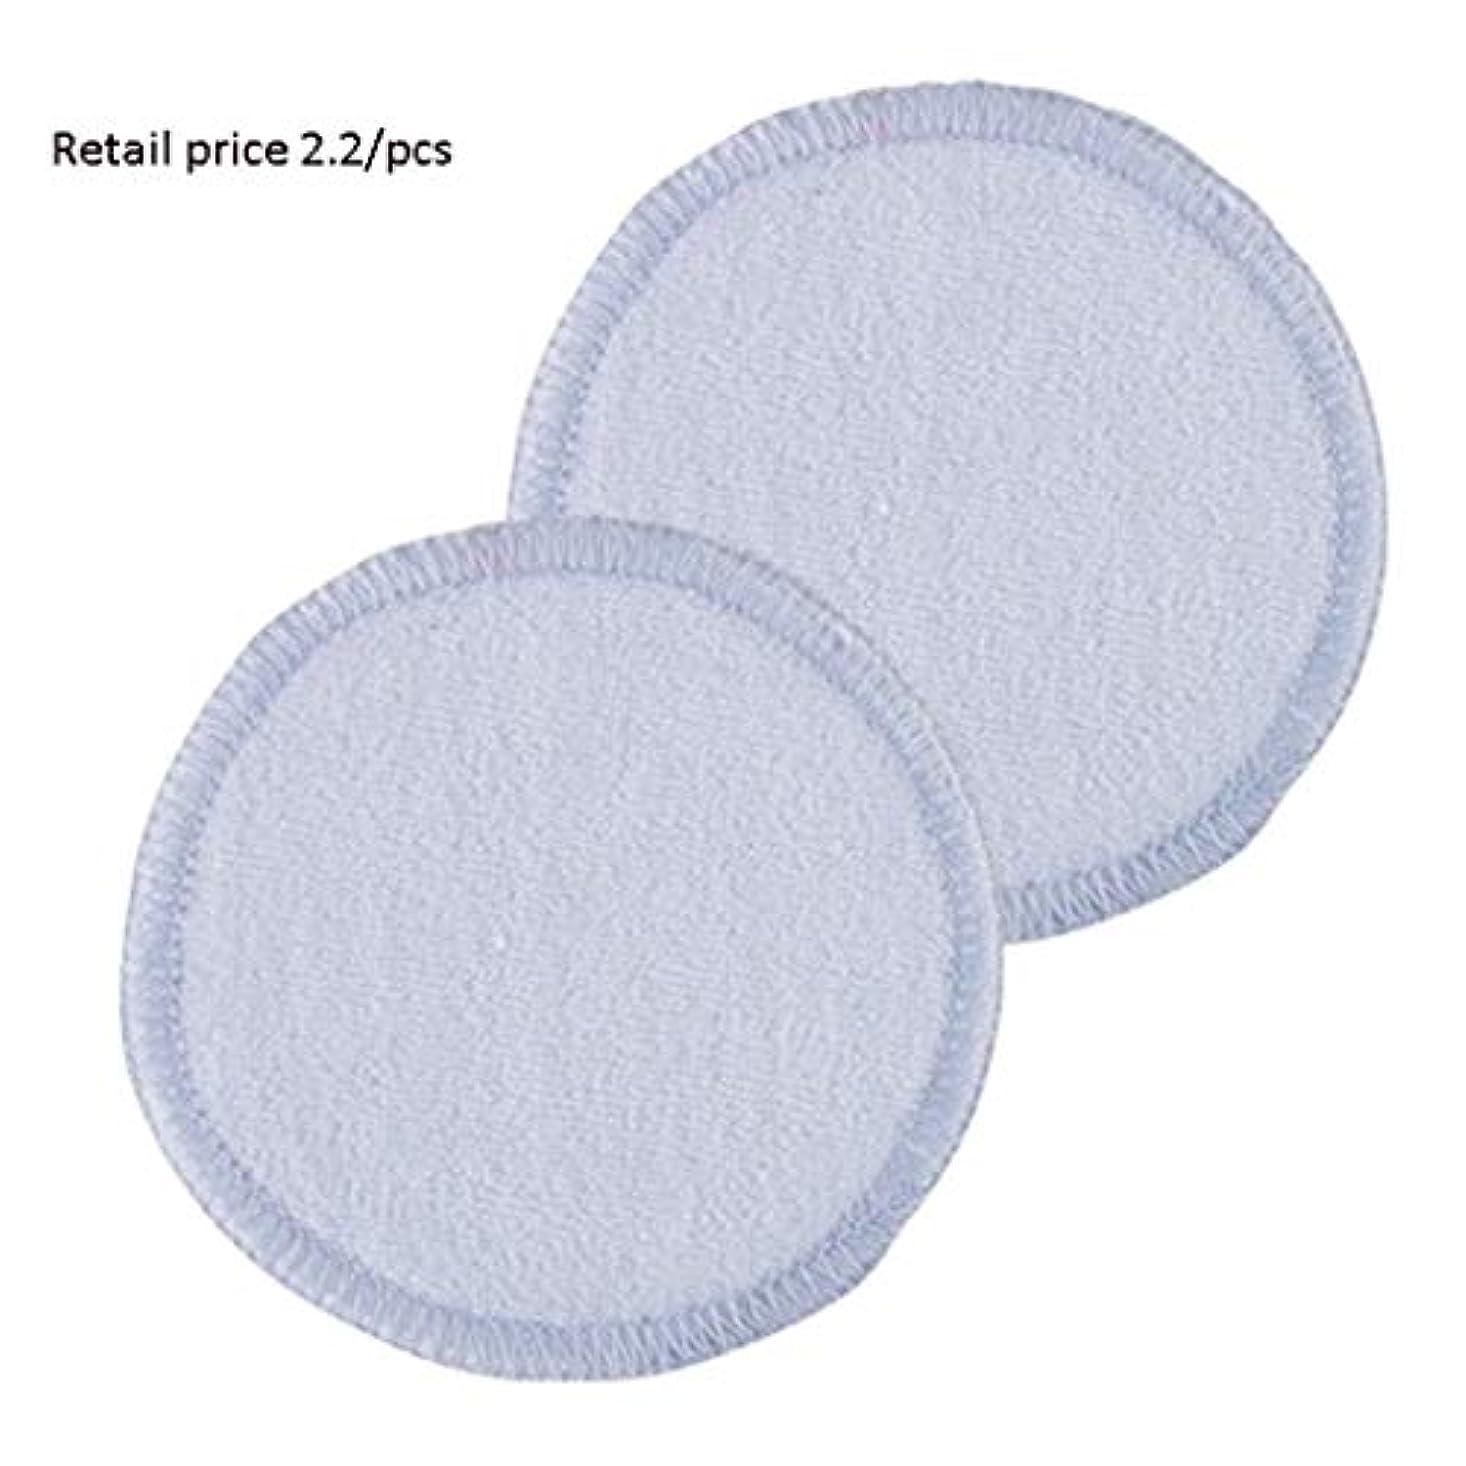 吸い込むアクセルレジデンスクレンジングシート 再利用可能な洗える8センチラウンドクレンジングコットンパッド、収納バッグ付き4色、ランドリー製品用スキンケア製品 (Color : Blue, サイズ : 8cm)